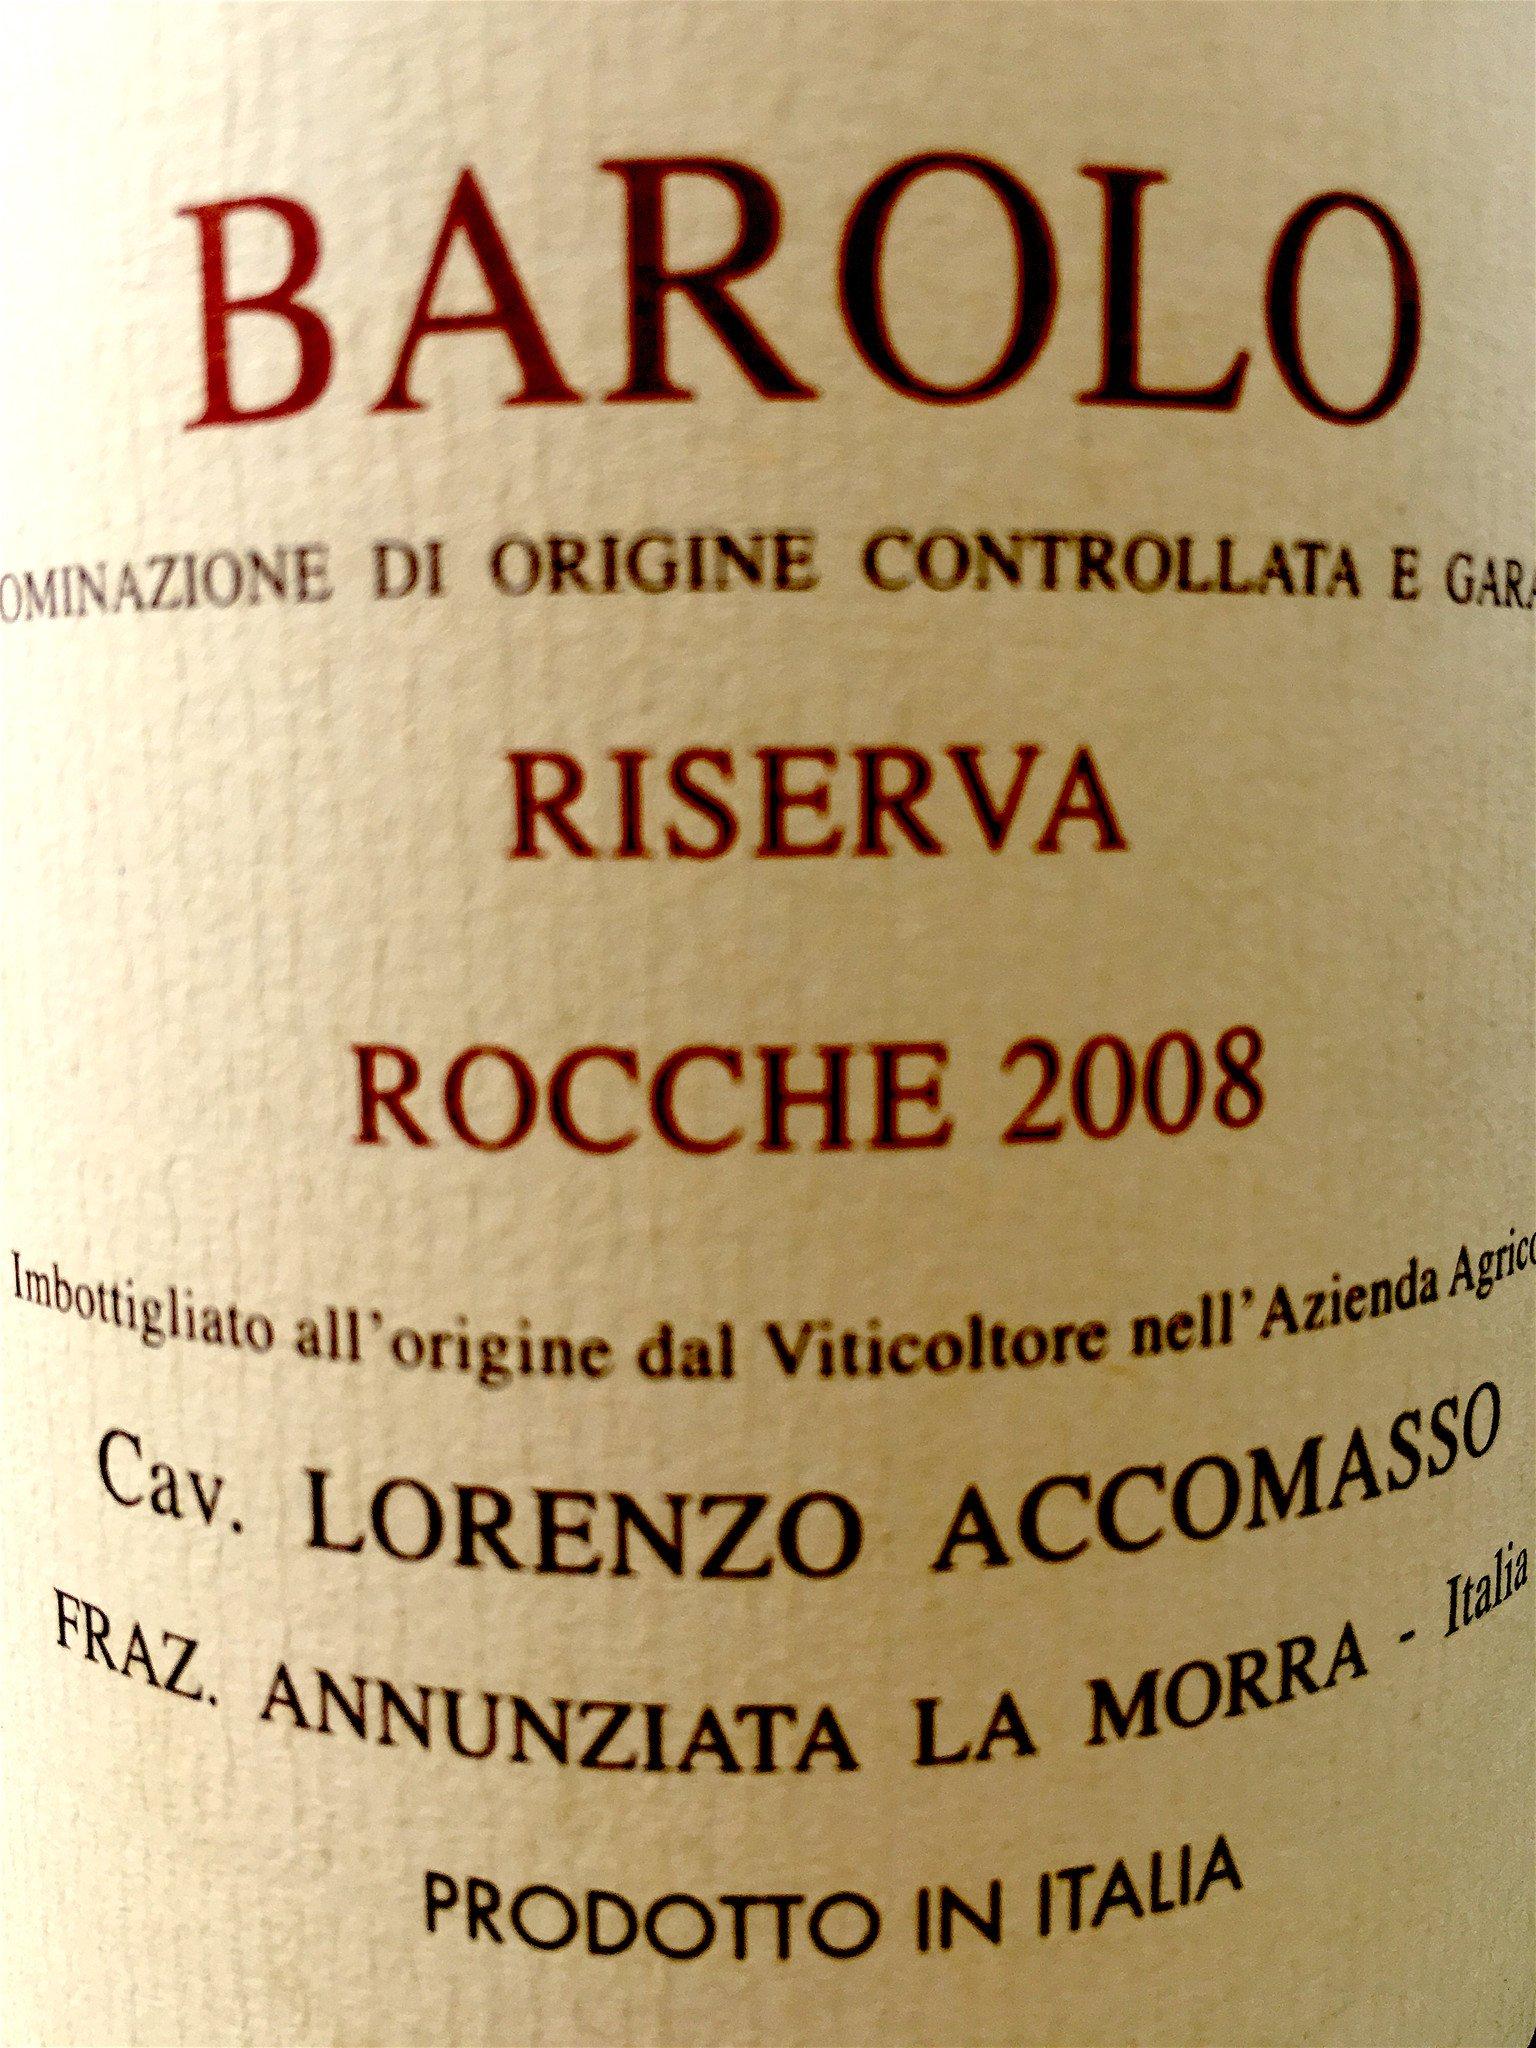 Accomasso Barolo Riserva Rocche 2008